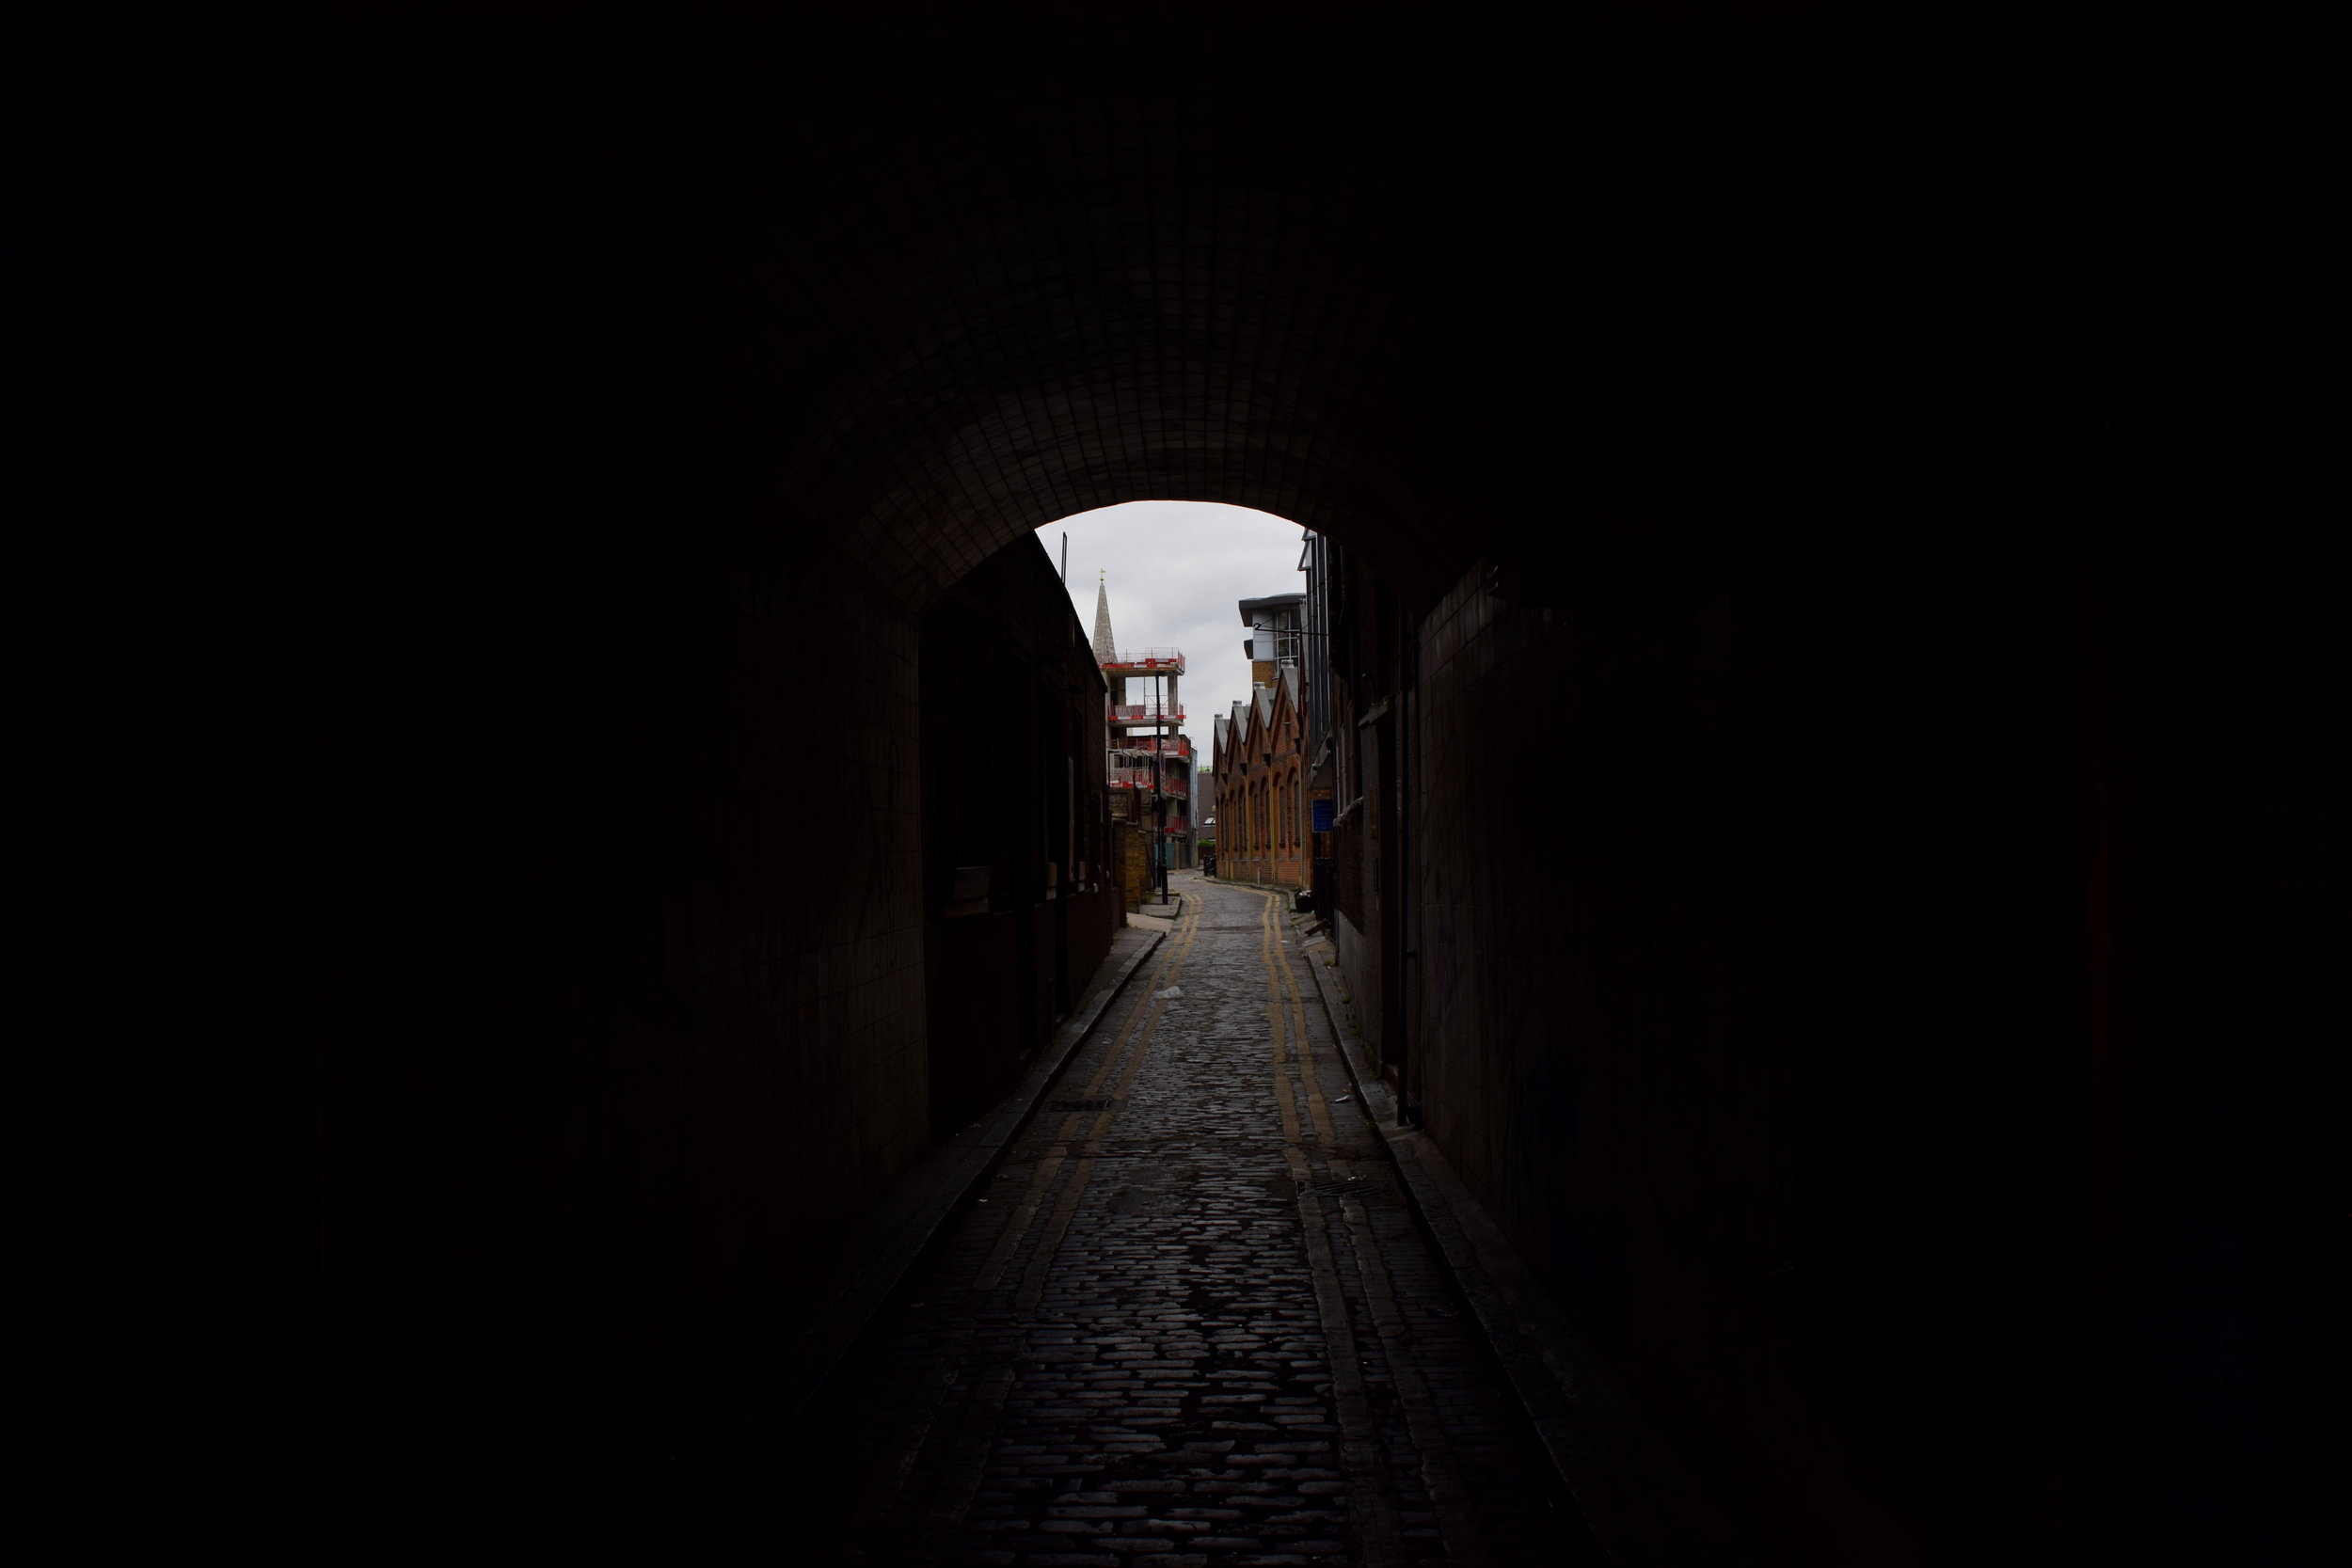 LondonAlleyway3.JPG